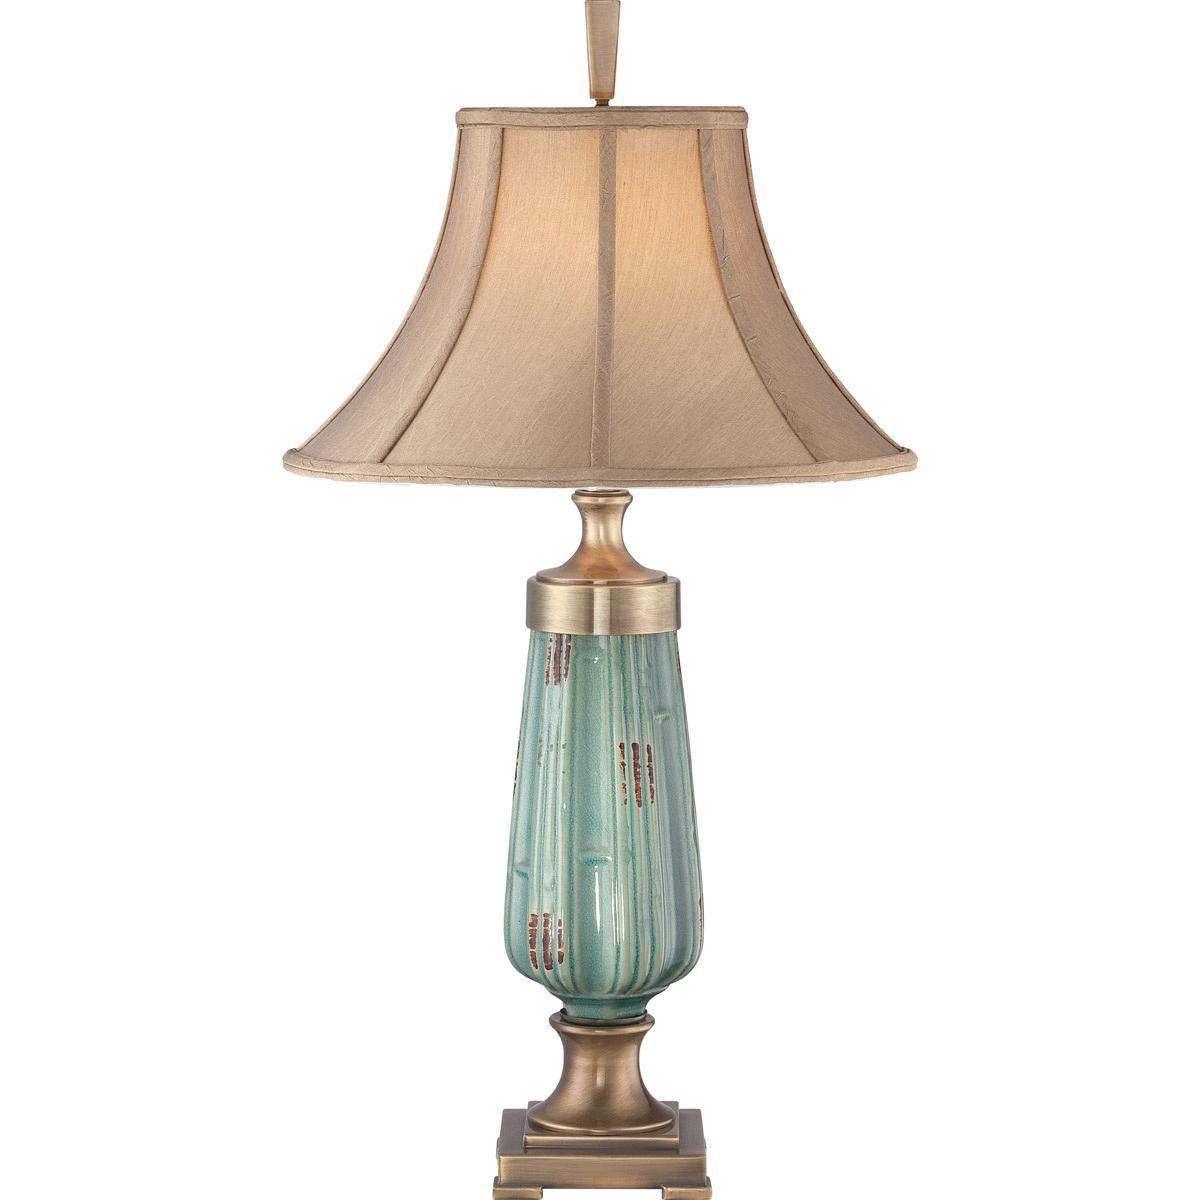 Quoizel Lighting Ckme1723t 1 Light Portable Table Lamp 100 Watt 120